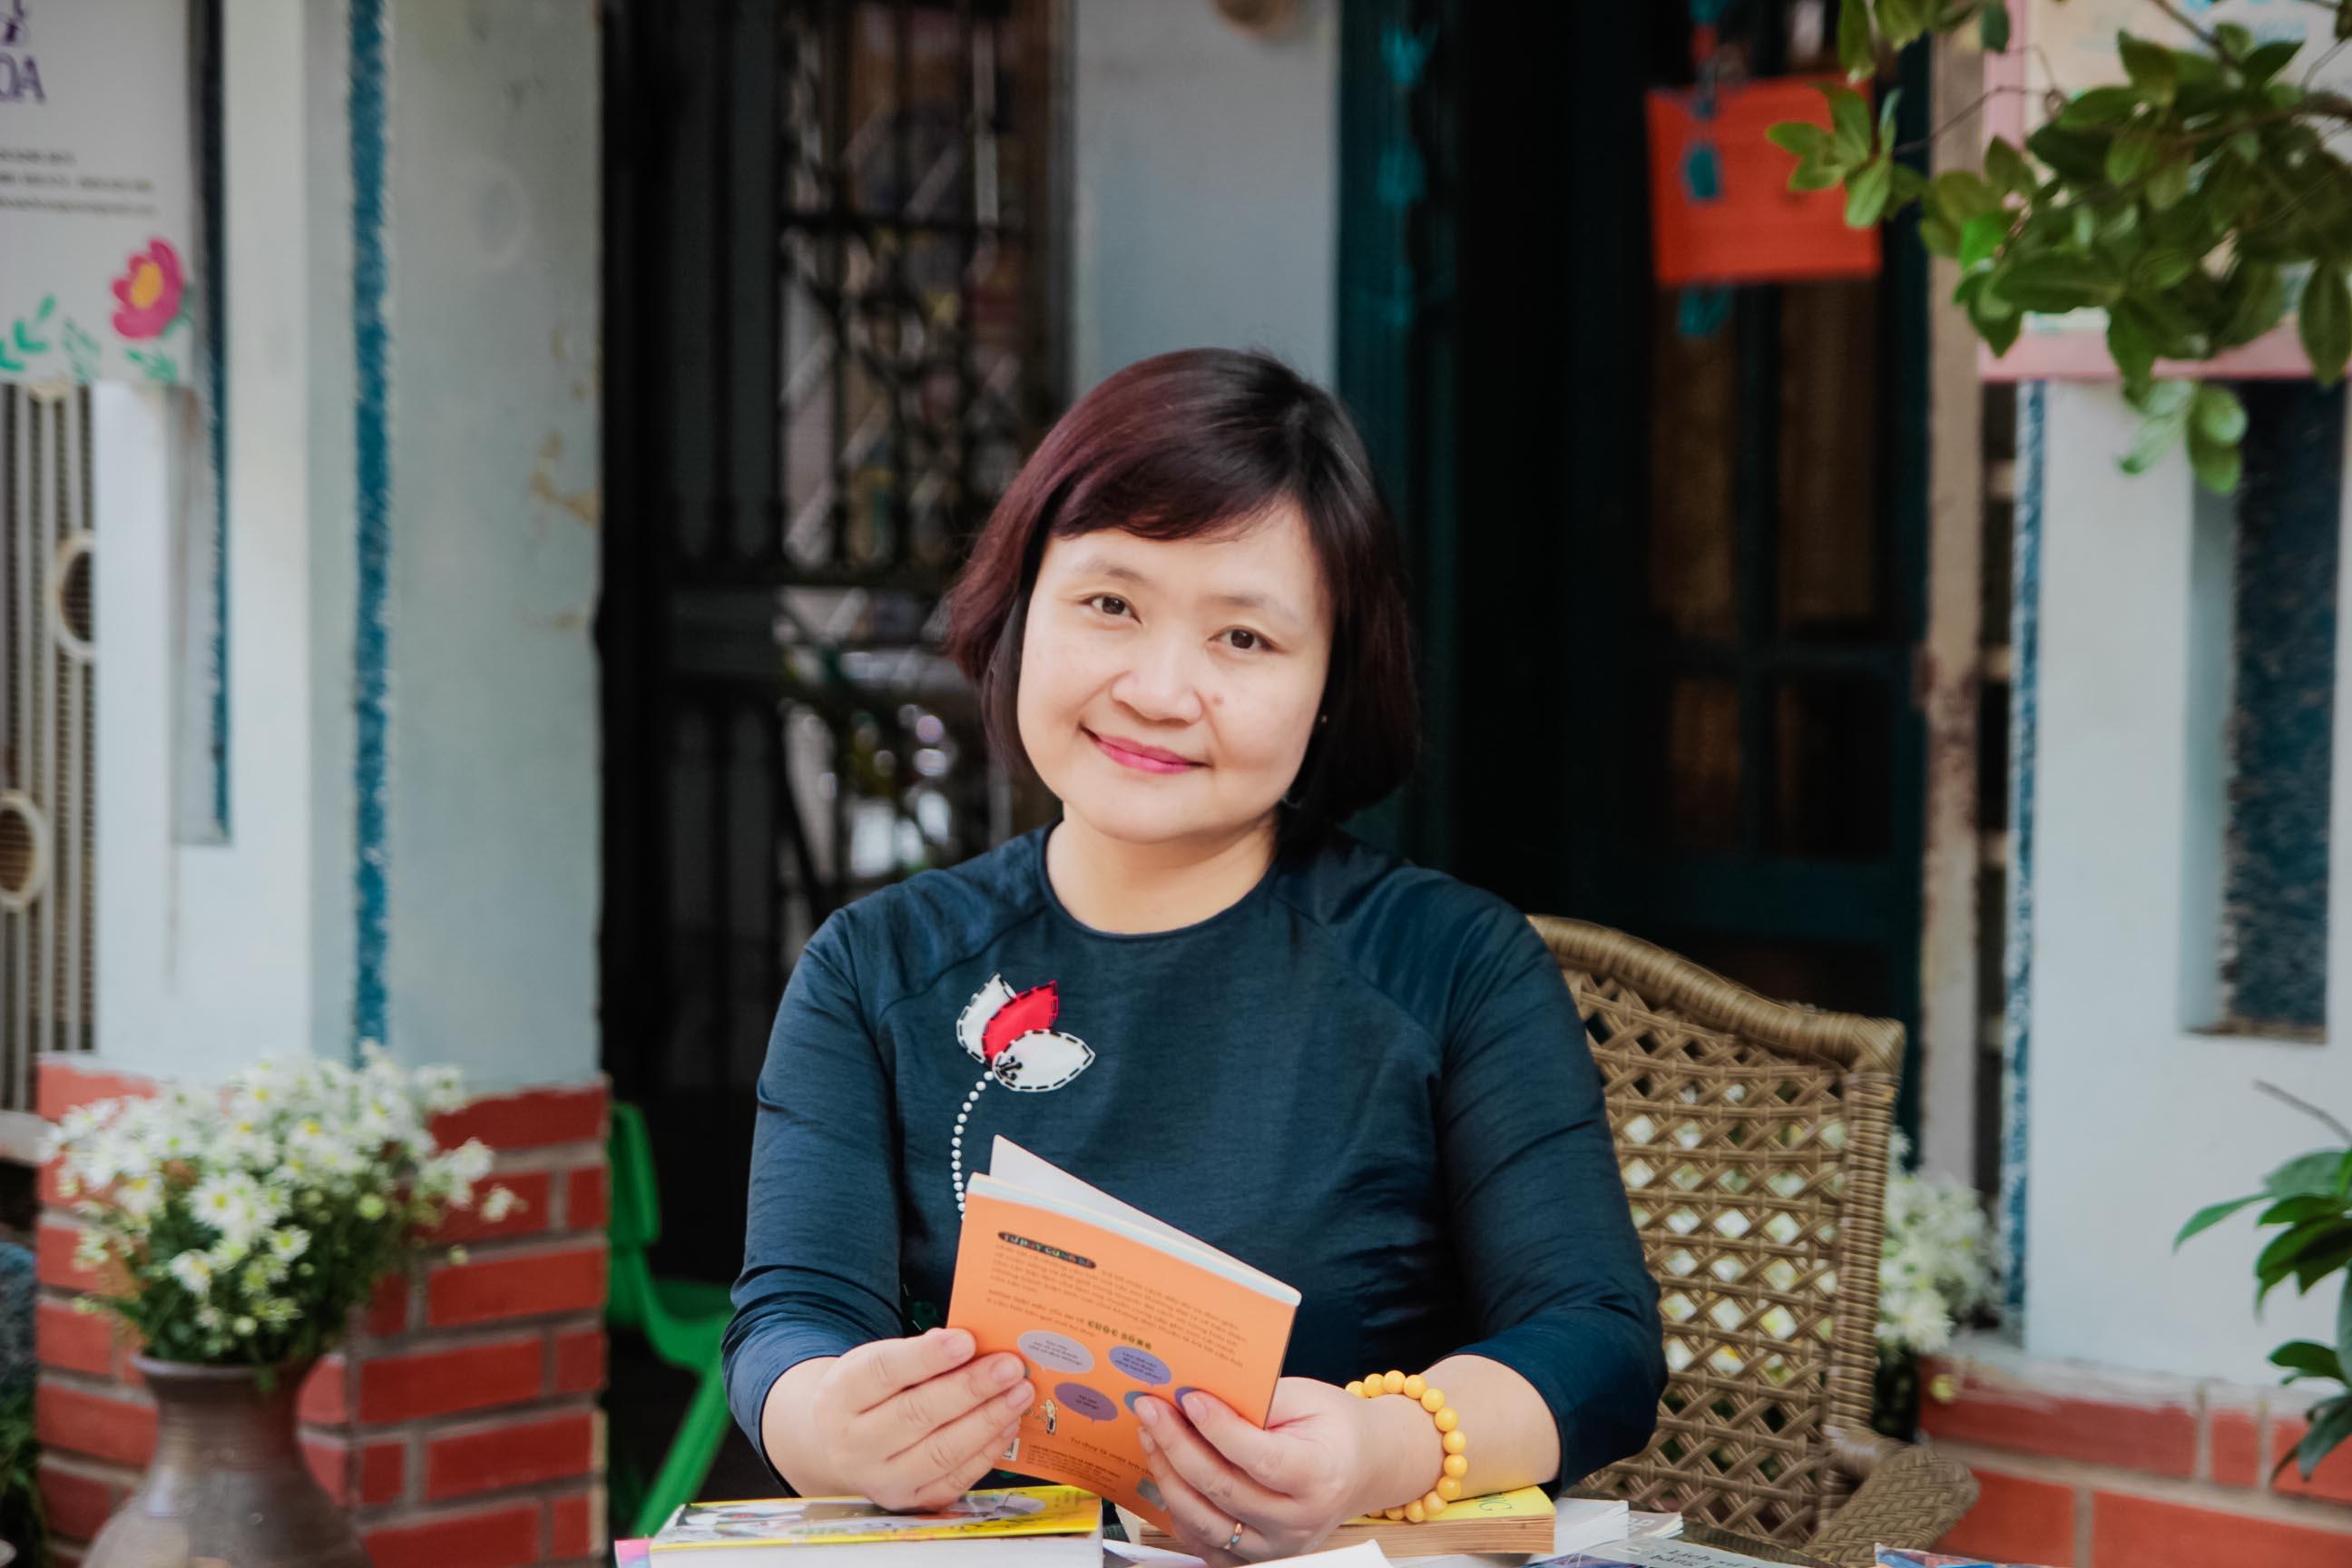 Tiến sĩ Giáo dục Nguyễn Thụy Anh. Ảnh: Tác giả cung cấp